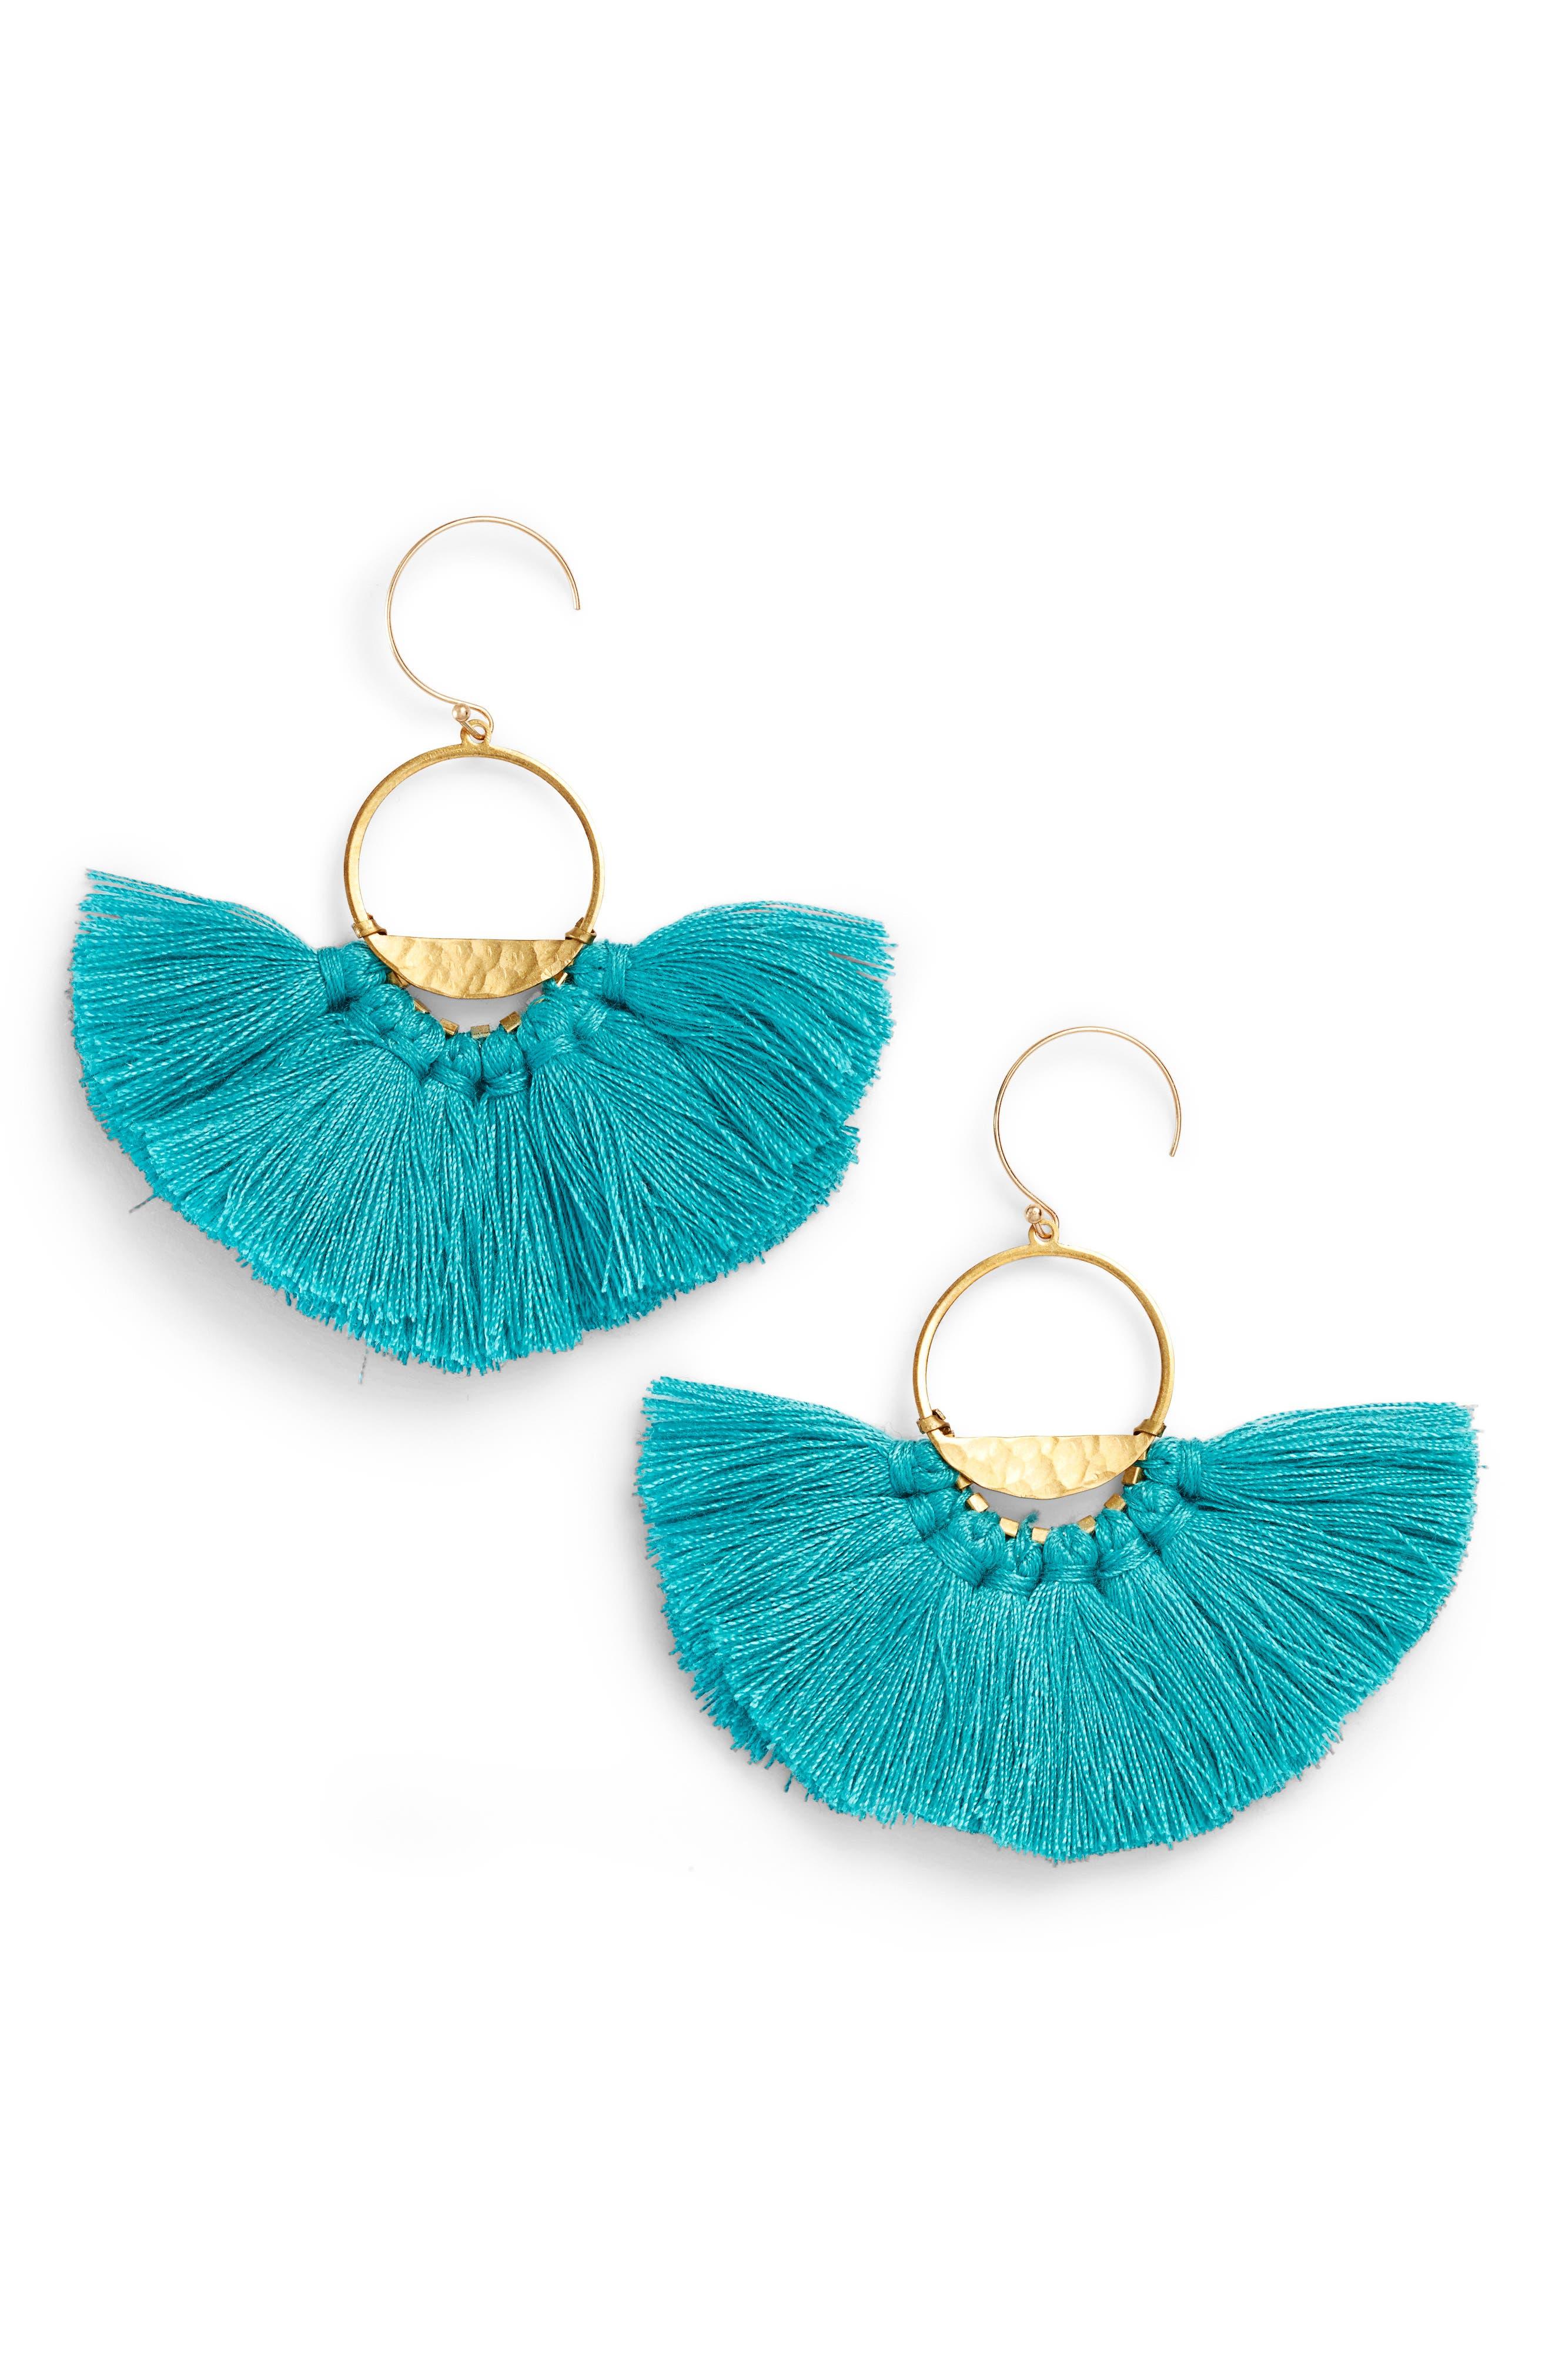 Flutter Tassel Earrings,                         Main,                         color, Turquoise/ Gold